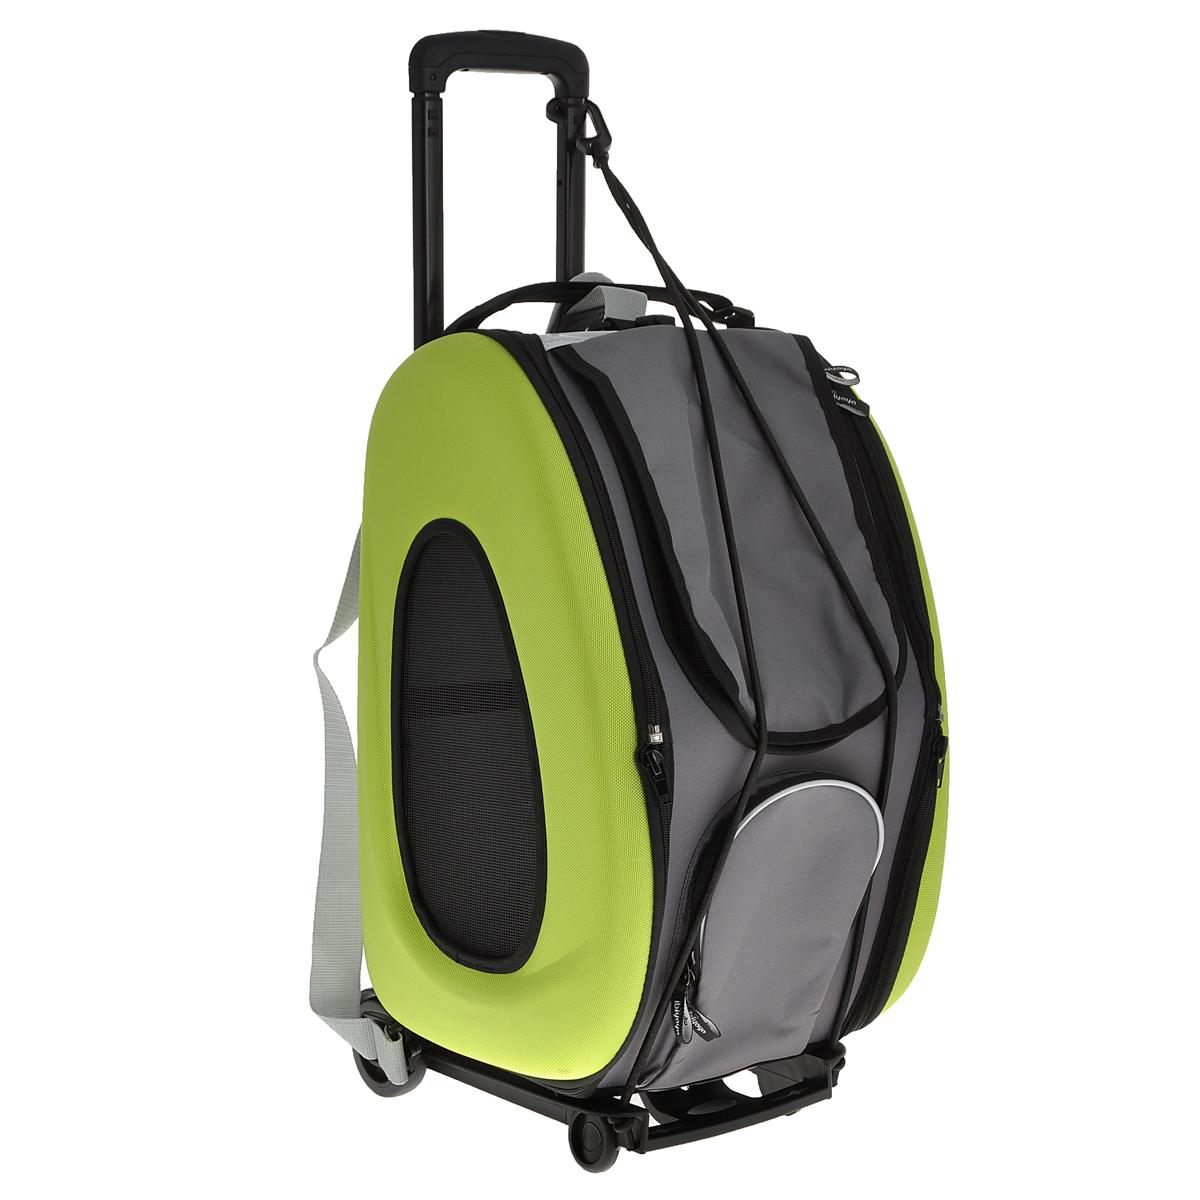 Cумка-тележка для собак 3в1 Ibiyaya, до 8 кг, цвет: лайм, 34 см х 30 см х 58 см0120710Невероятно удобный дизайн и стиль сумки тележки Ibiyaya 3 в 1 для собак до 8 кг поможет в путешествиях и прогулках вам и вашему питомцу. Многофункциональная, из прочного плотного материала, легко складывается и раскладывается, имеет объемный карман на молнии и вход на молнии с сетчатым окошком, закрывающийся накладкой на липучке, боковые стороны также имеют сетчатые окошки и овальные отверстия все это сумка-тележка. В сложенном виде это компактный кейс который занимает минимум места.Сумку можно использовать как рюкзак, как сумку через плечо и пристегивать как авто-кресло в автомобиле. Внутри имеется ремешок пристегивающийся к ошейнику, мягкая подстилка на липучках которую можно поменять на разовую пеленку. Дизайн сумки разработан с учетом последних модных тенденций и выгодно выделяет модель среди аналогичных товаров. Можно выбрать цвет: синий, оранжевый, лайм. В комплекте - инструкция с картинками по сборке сумки на русском языке.Полный размер сумки: 58 см х 30 см х 34 см.